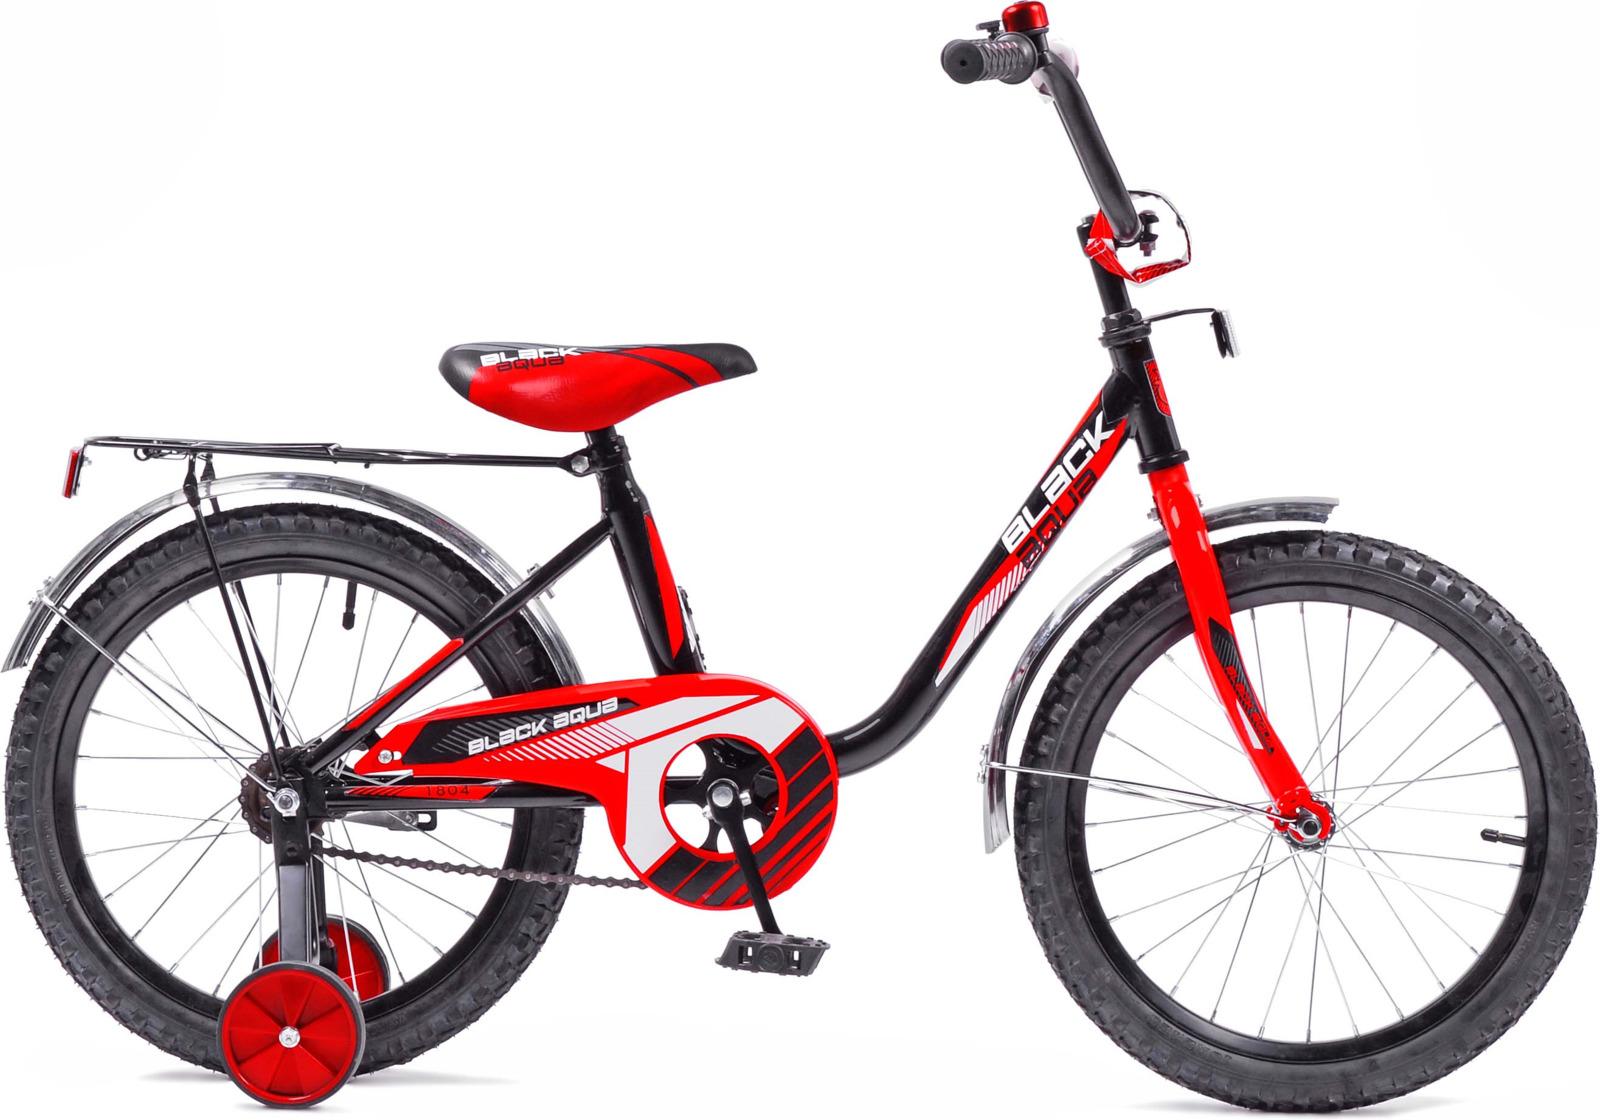 Велосипед детский Black Aqua, DK-1204, колесо 12, черный, красный